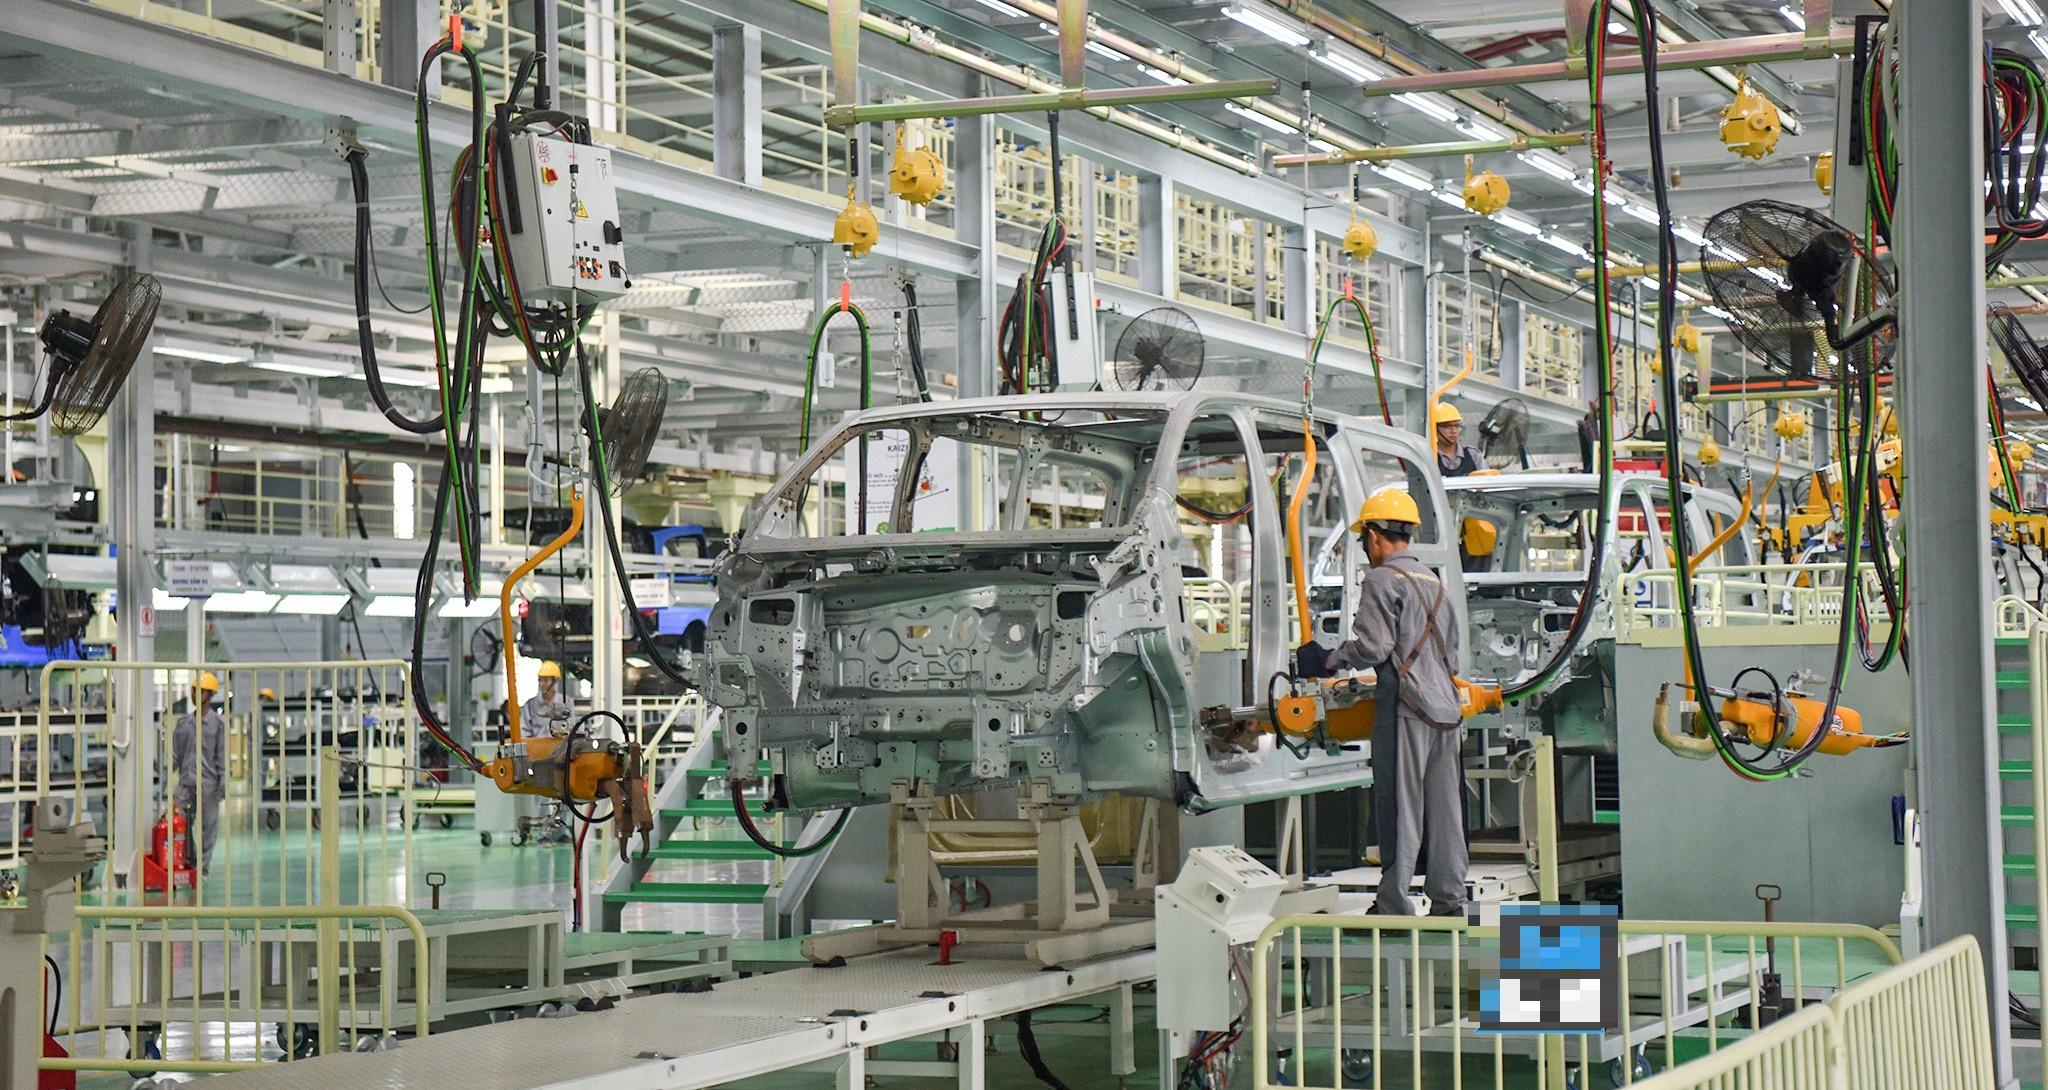 Gia hạn 180.000 tỷ đồng tiền thuế vì Covid-19, thêm ngành ô tô